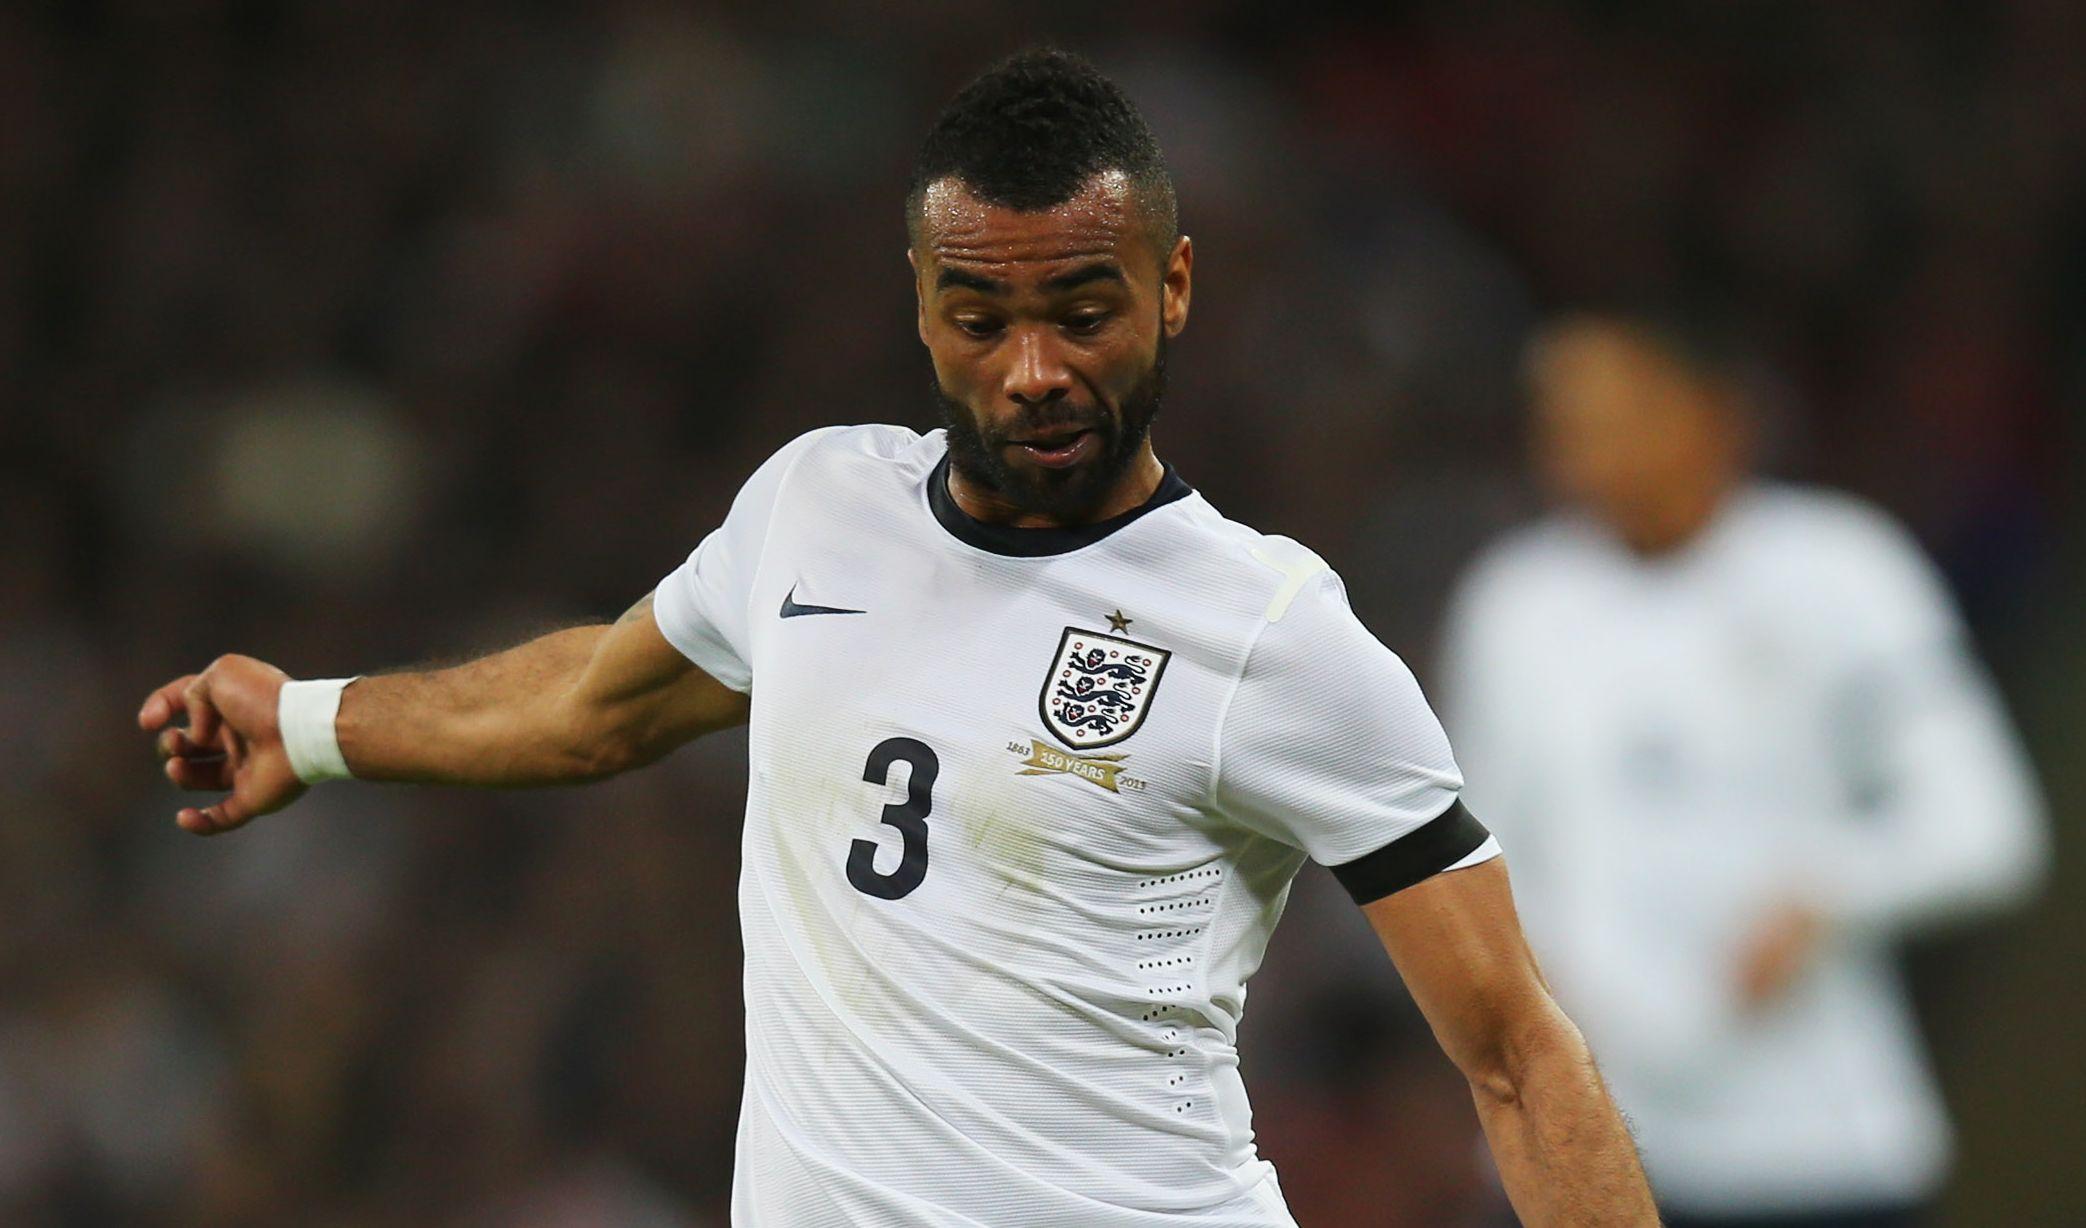 Former England left-back Ashley Cole